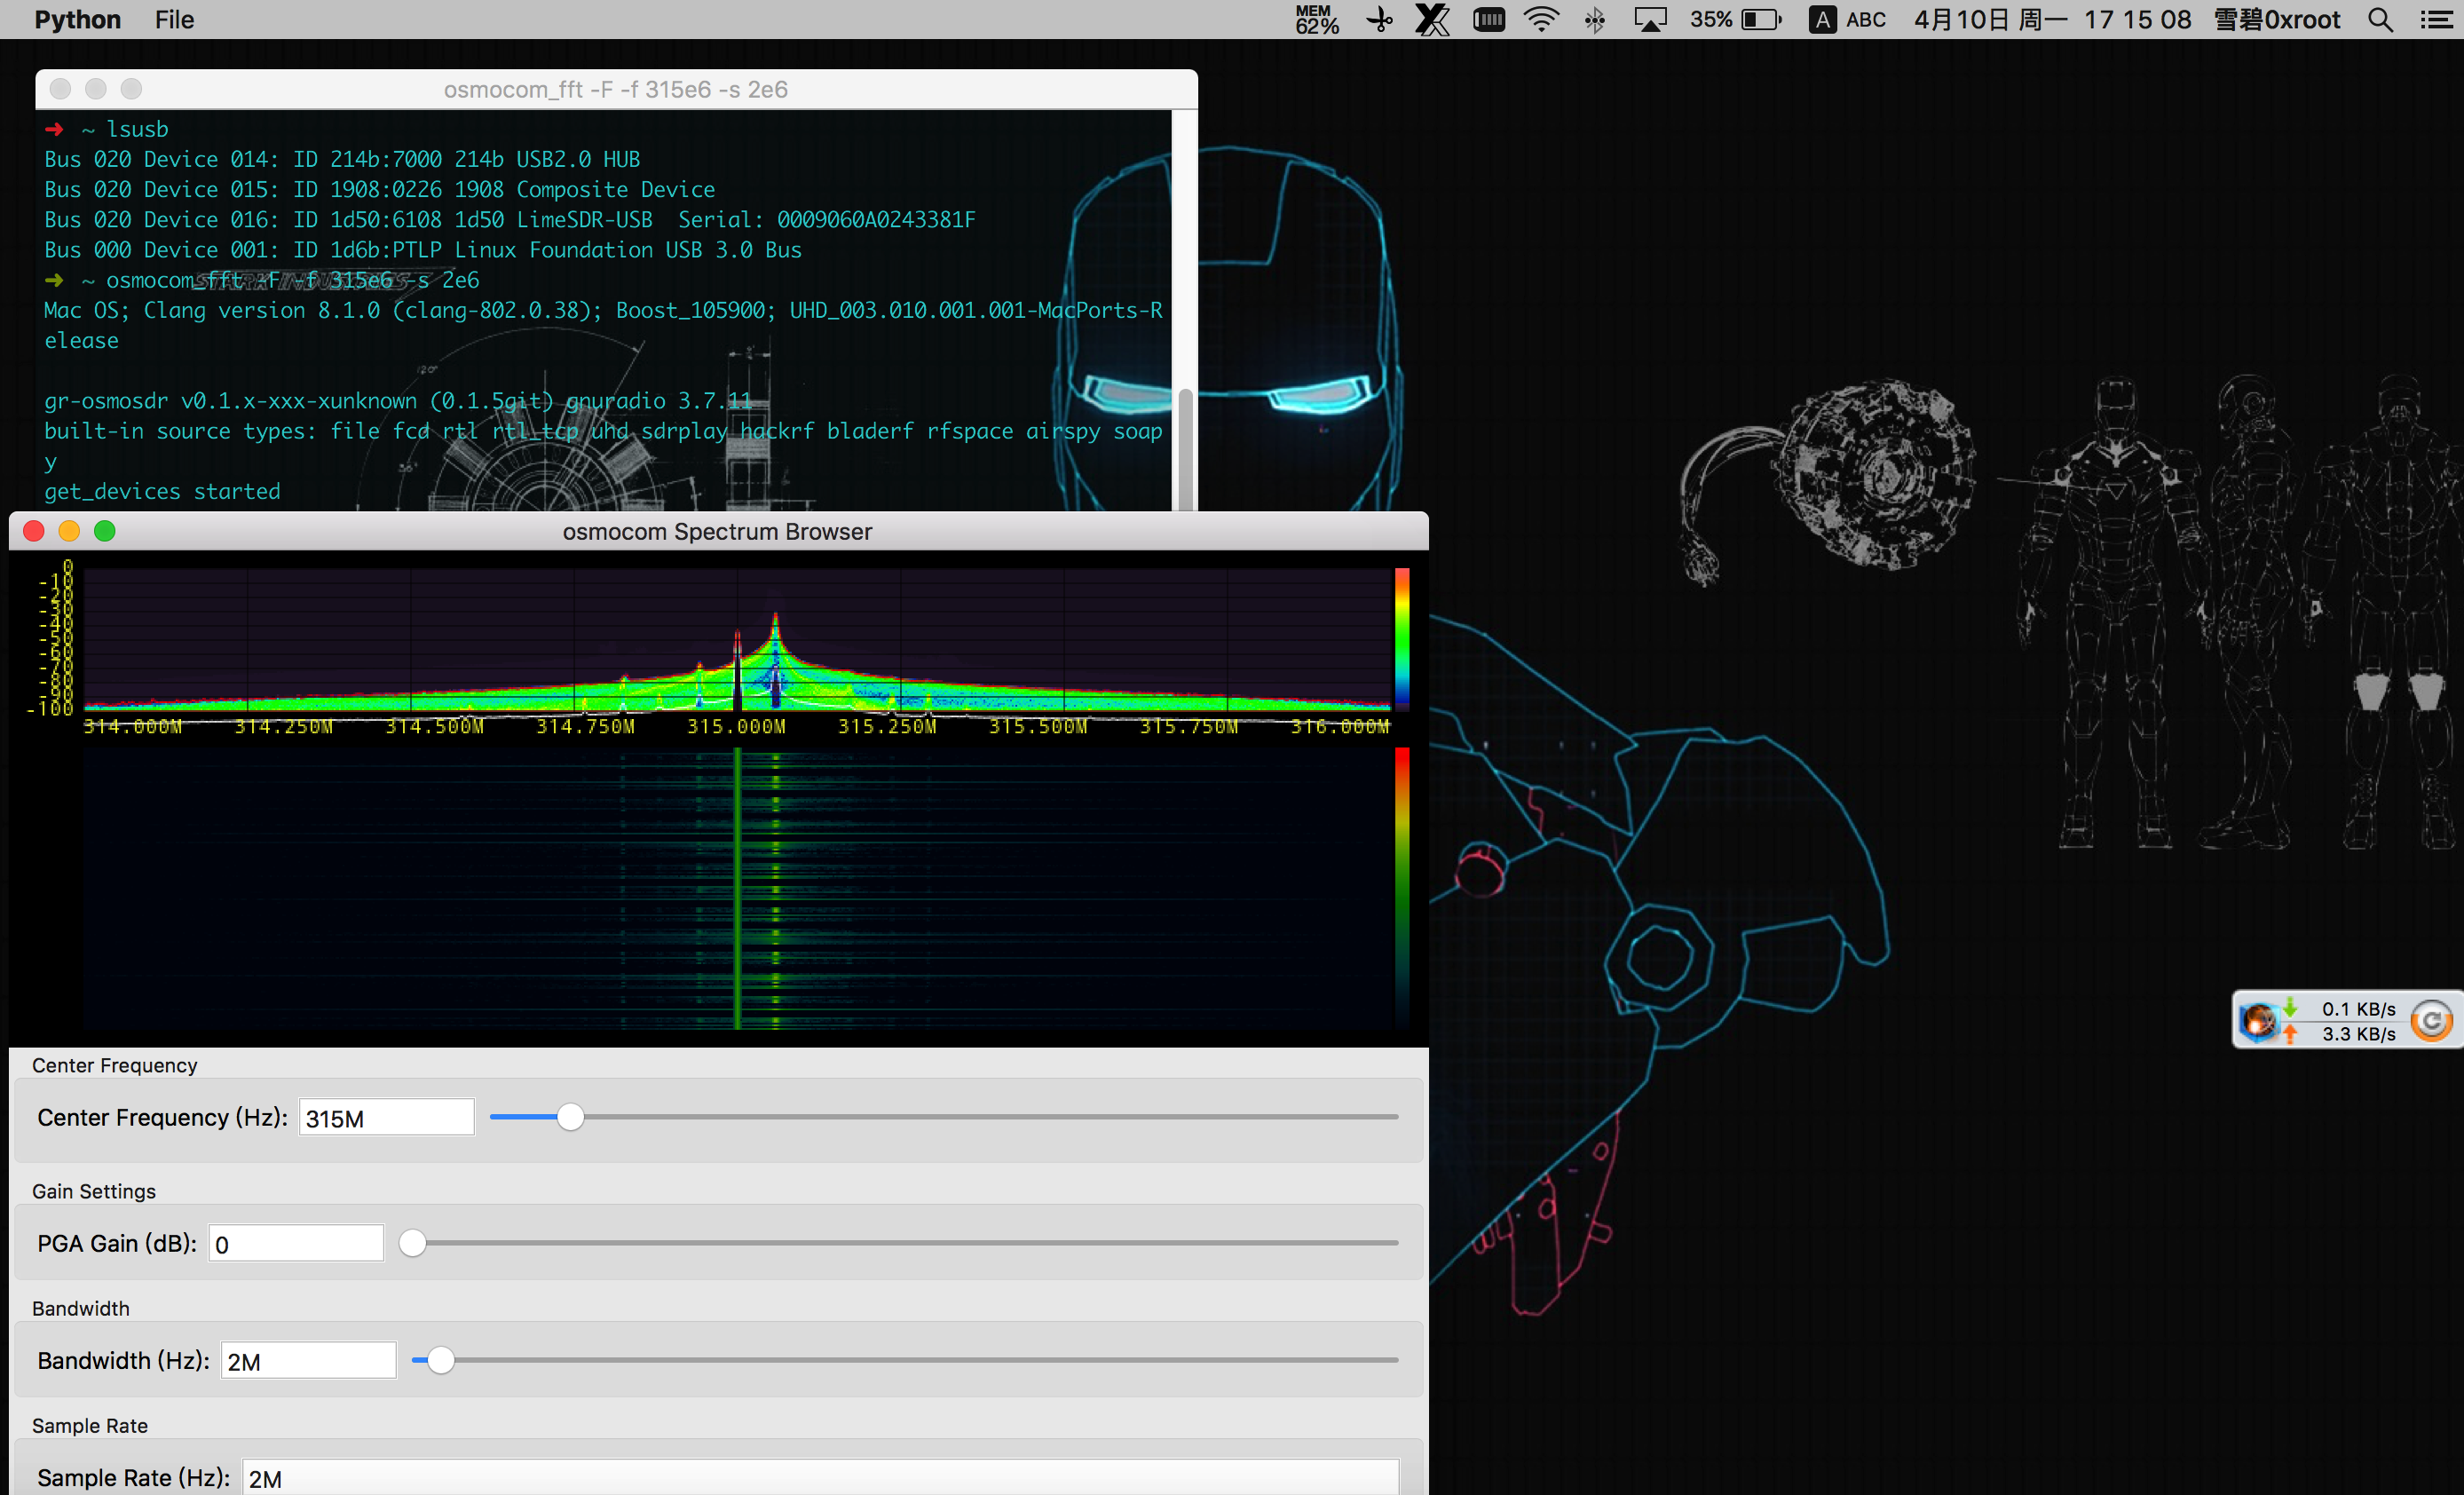 基于软件无线电对无线领域进行探索 | EXPLORING THE WIRELESS WORLD WITH SDR